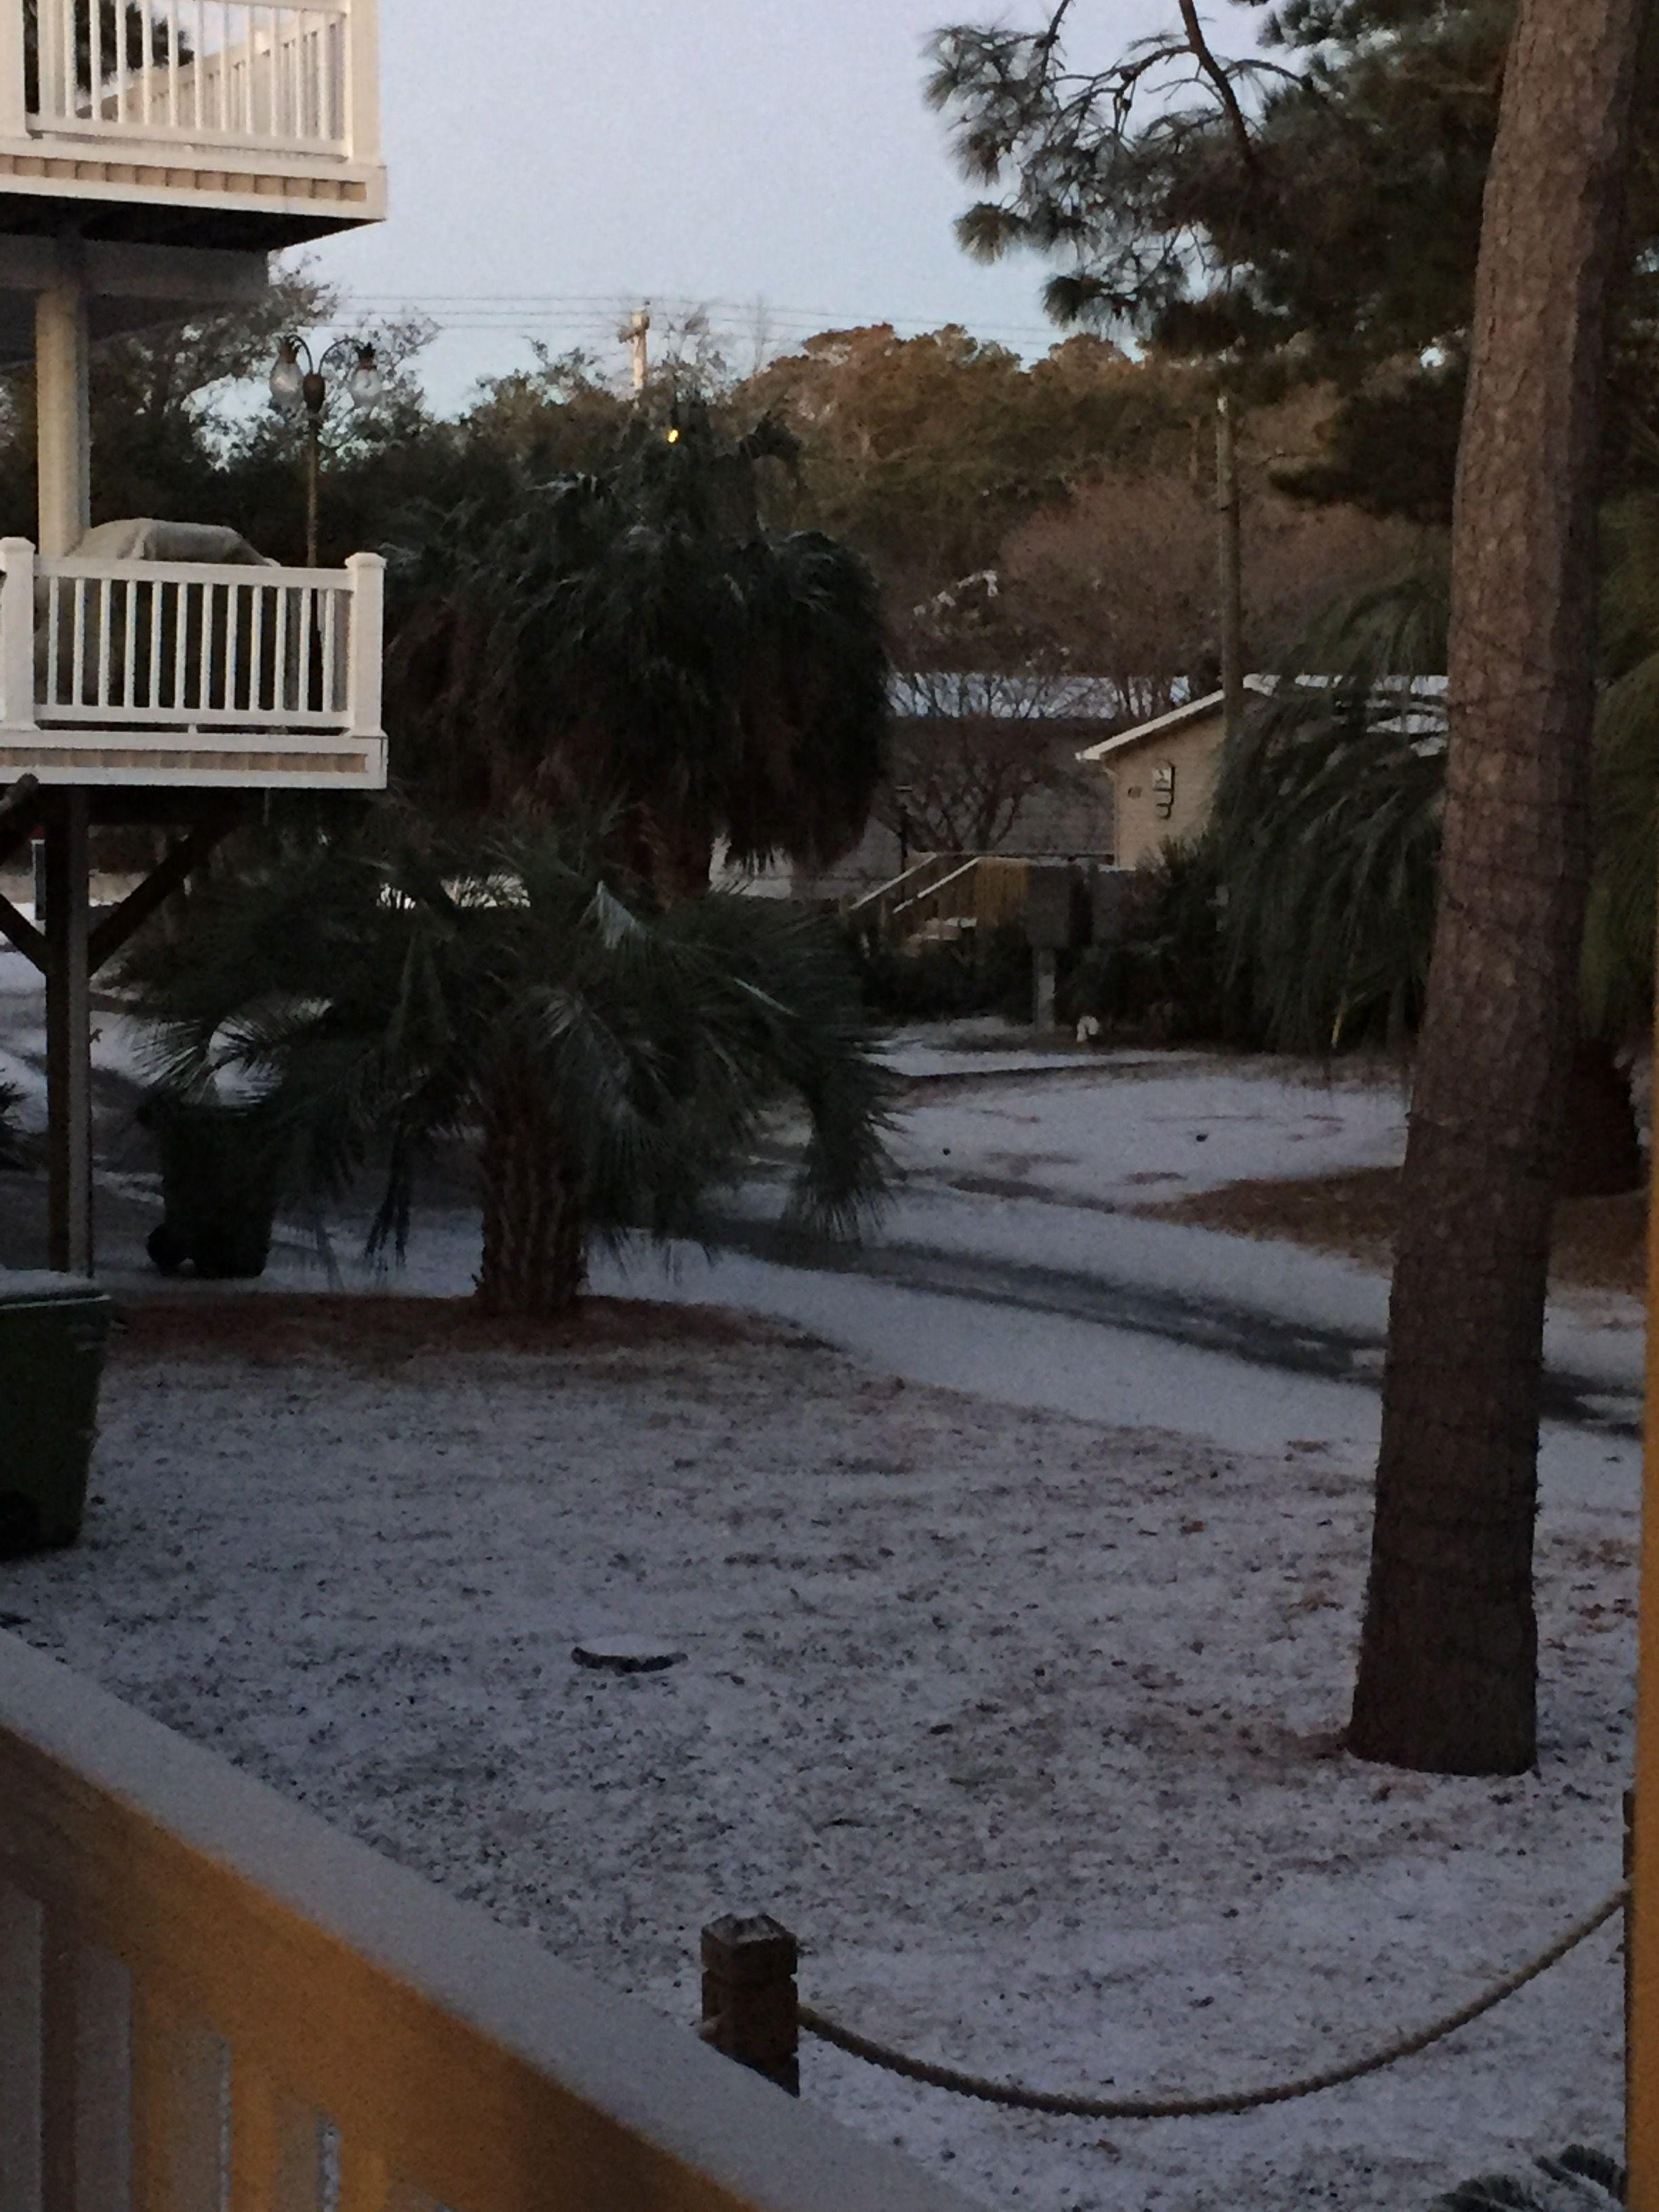 Our front yard Front yard, Myrtle beach, Garden